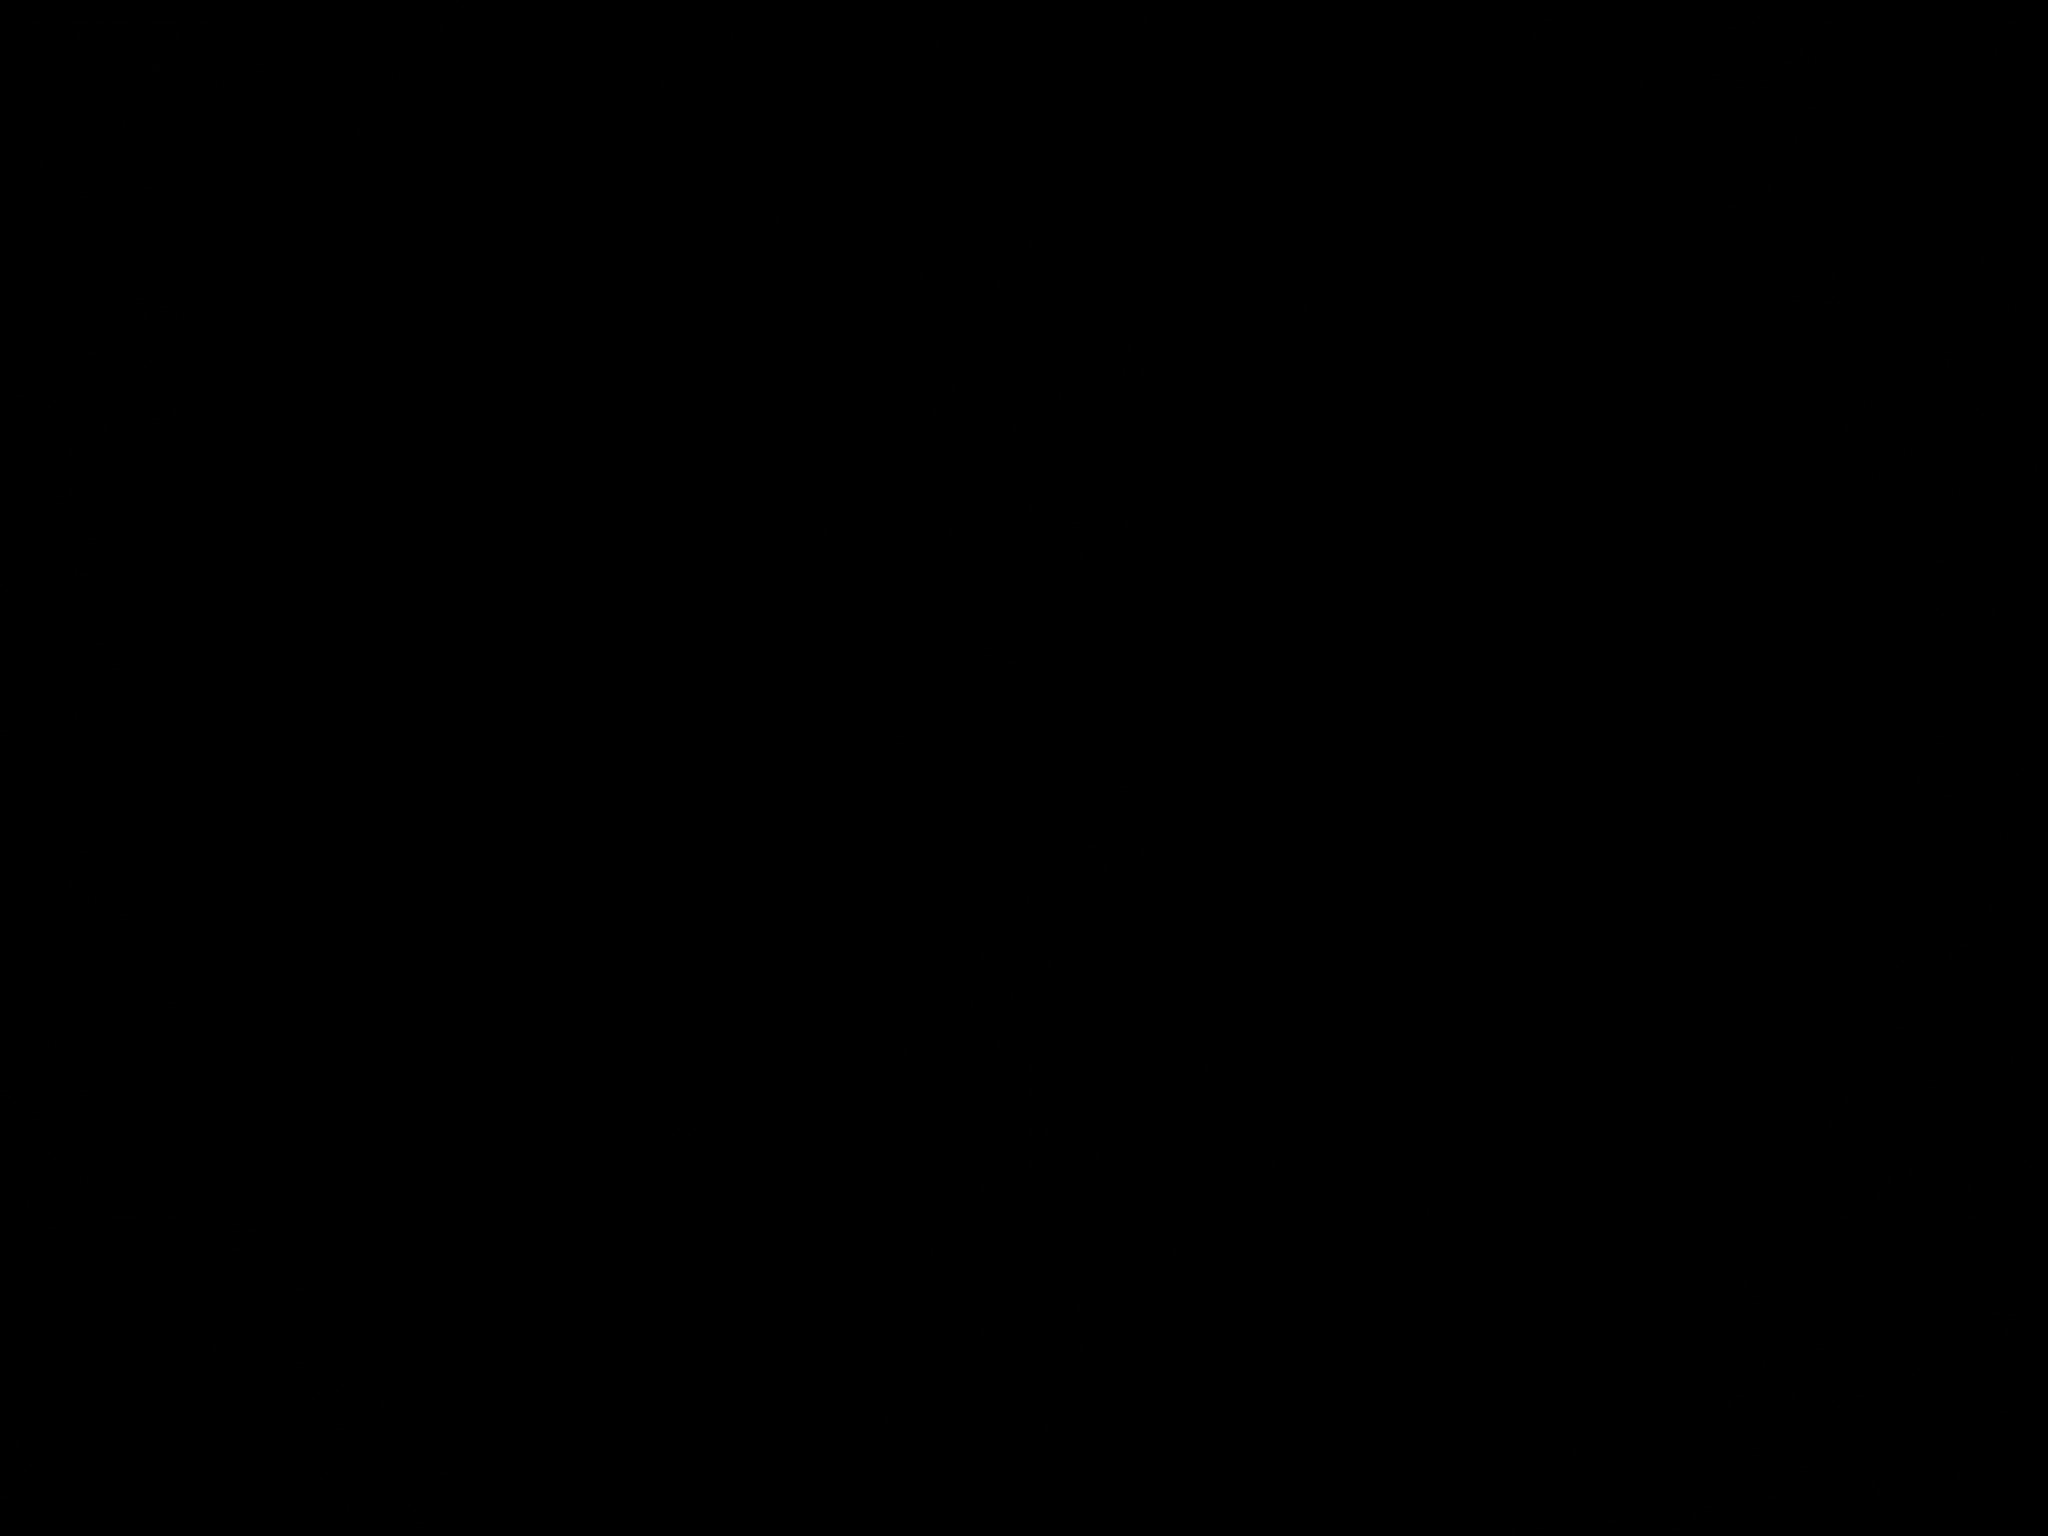 86 2048 X 1152 Pixels